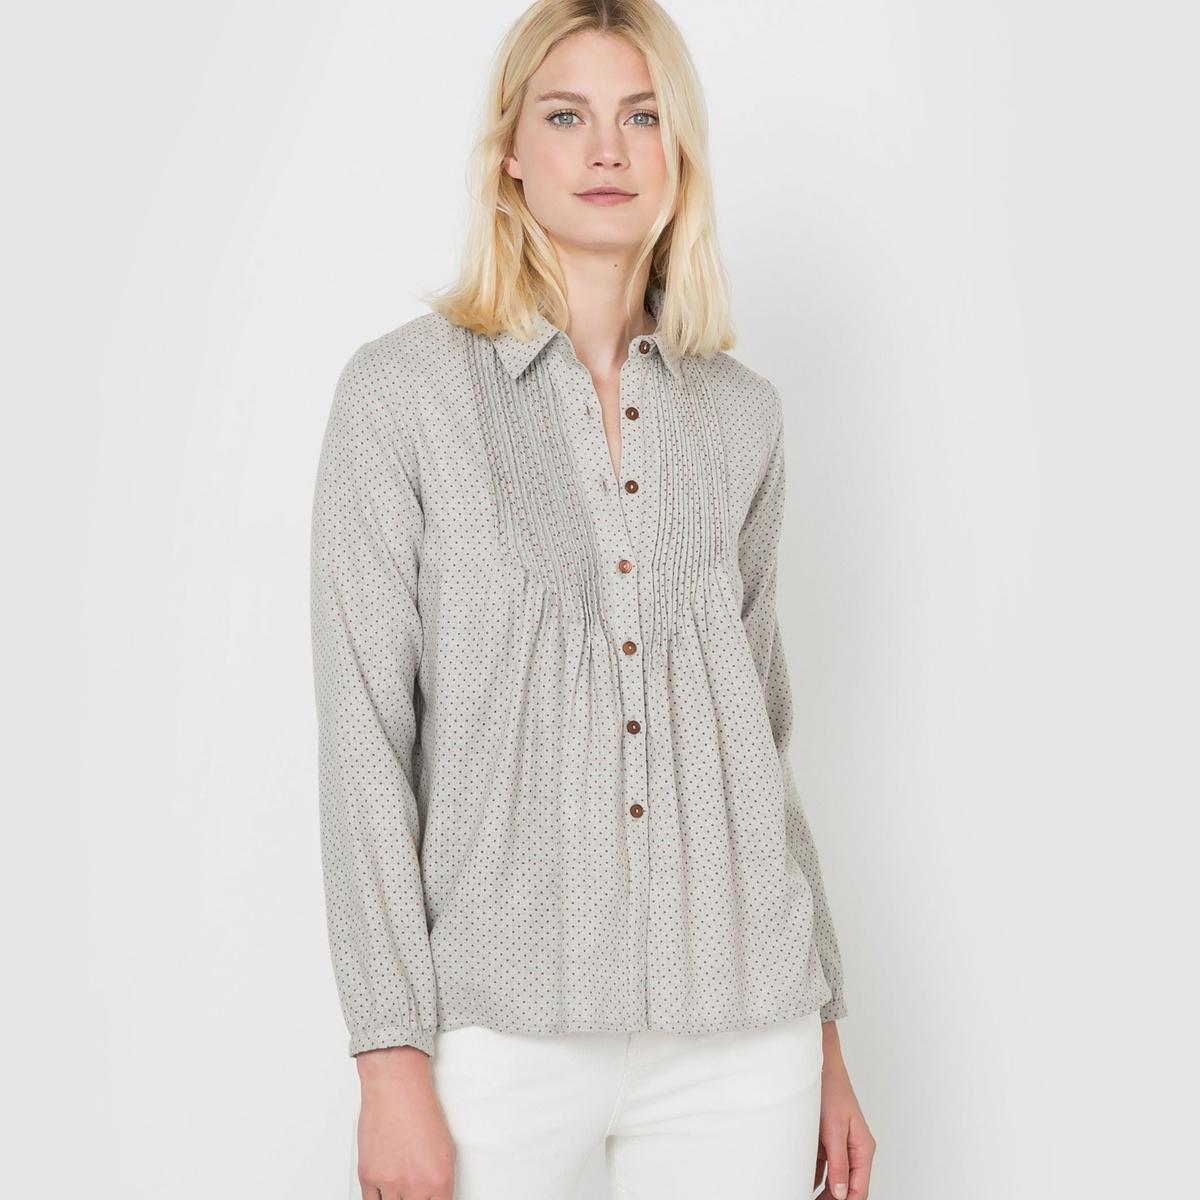 Рубашка из фланели с микрорисунком в горошек